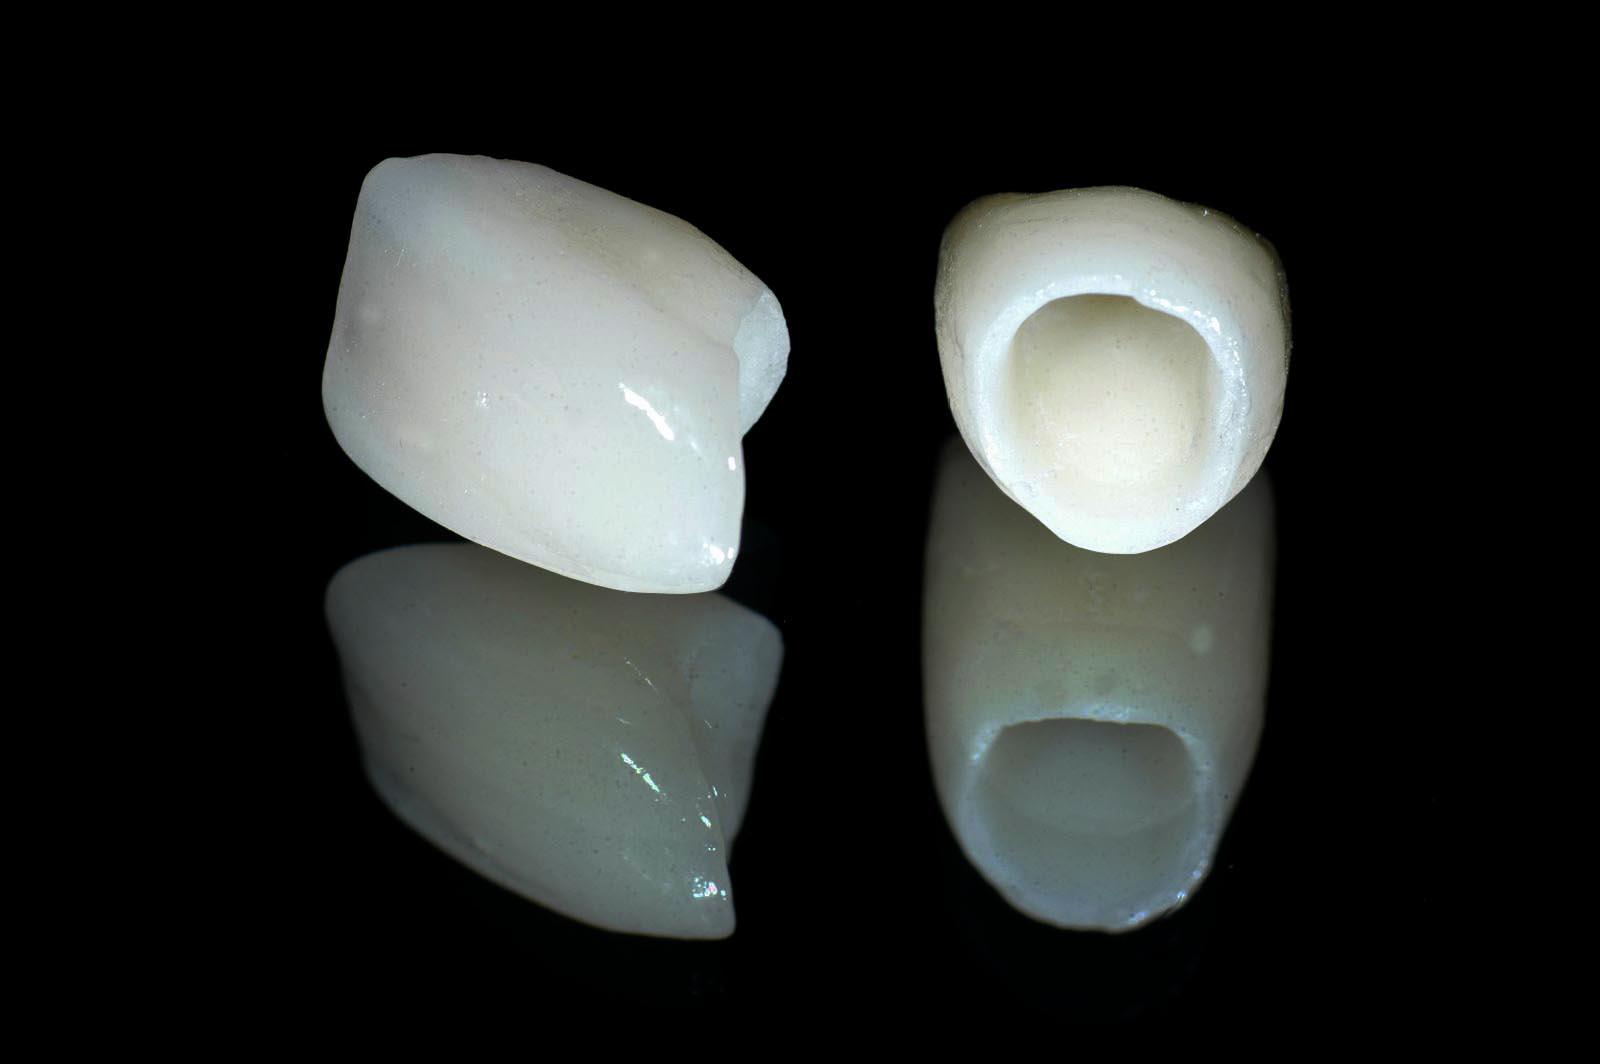 Mài răng hô bọc sứ răng hết hô - thẩm mỹ tối đa - tiết kiệm chi phí